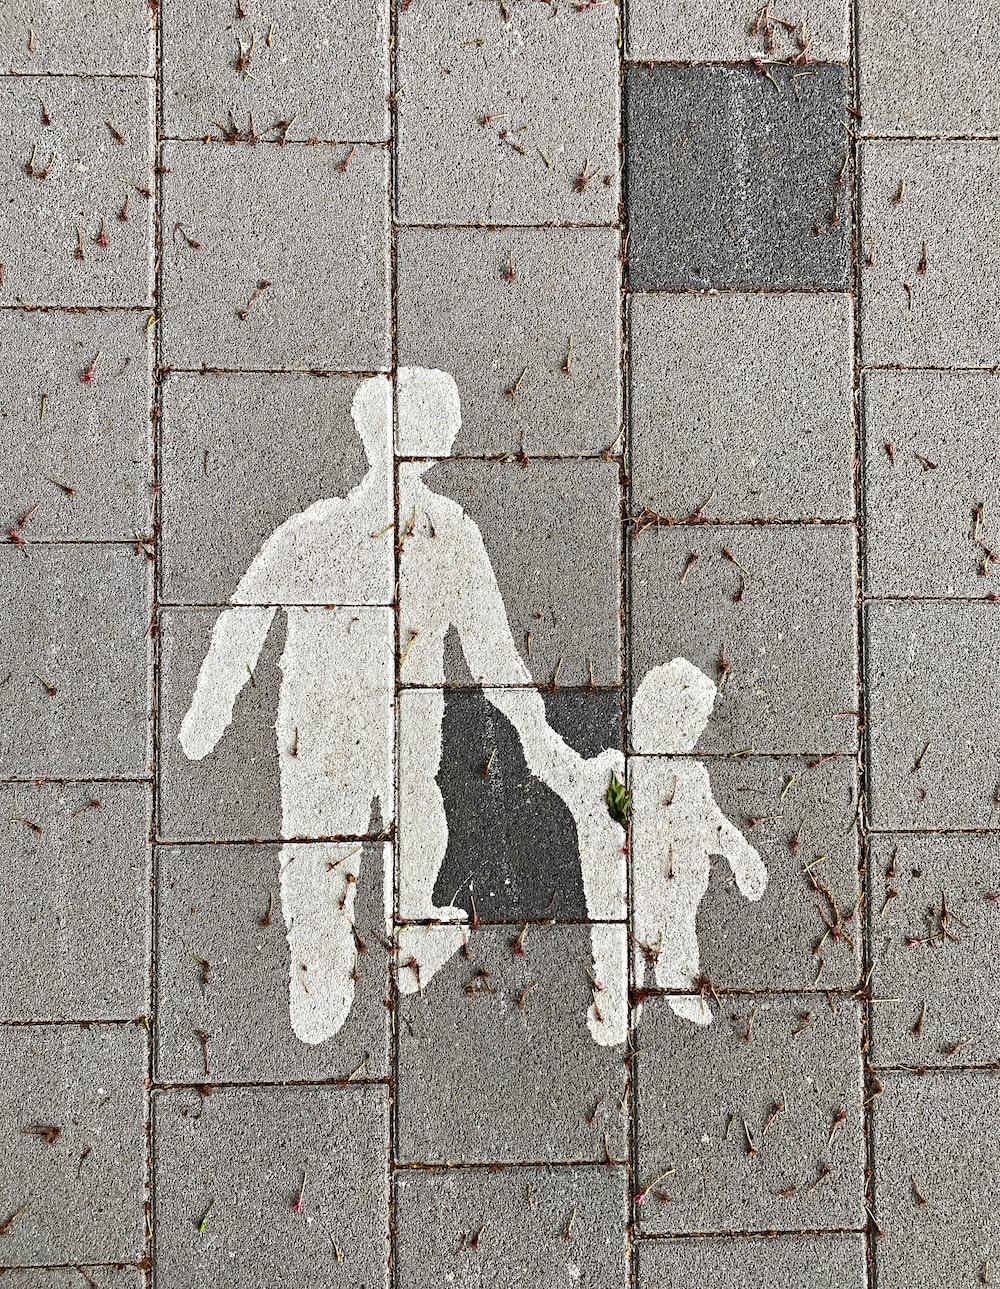 2 person walking on gray concrete pavement